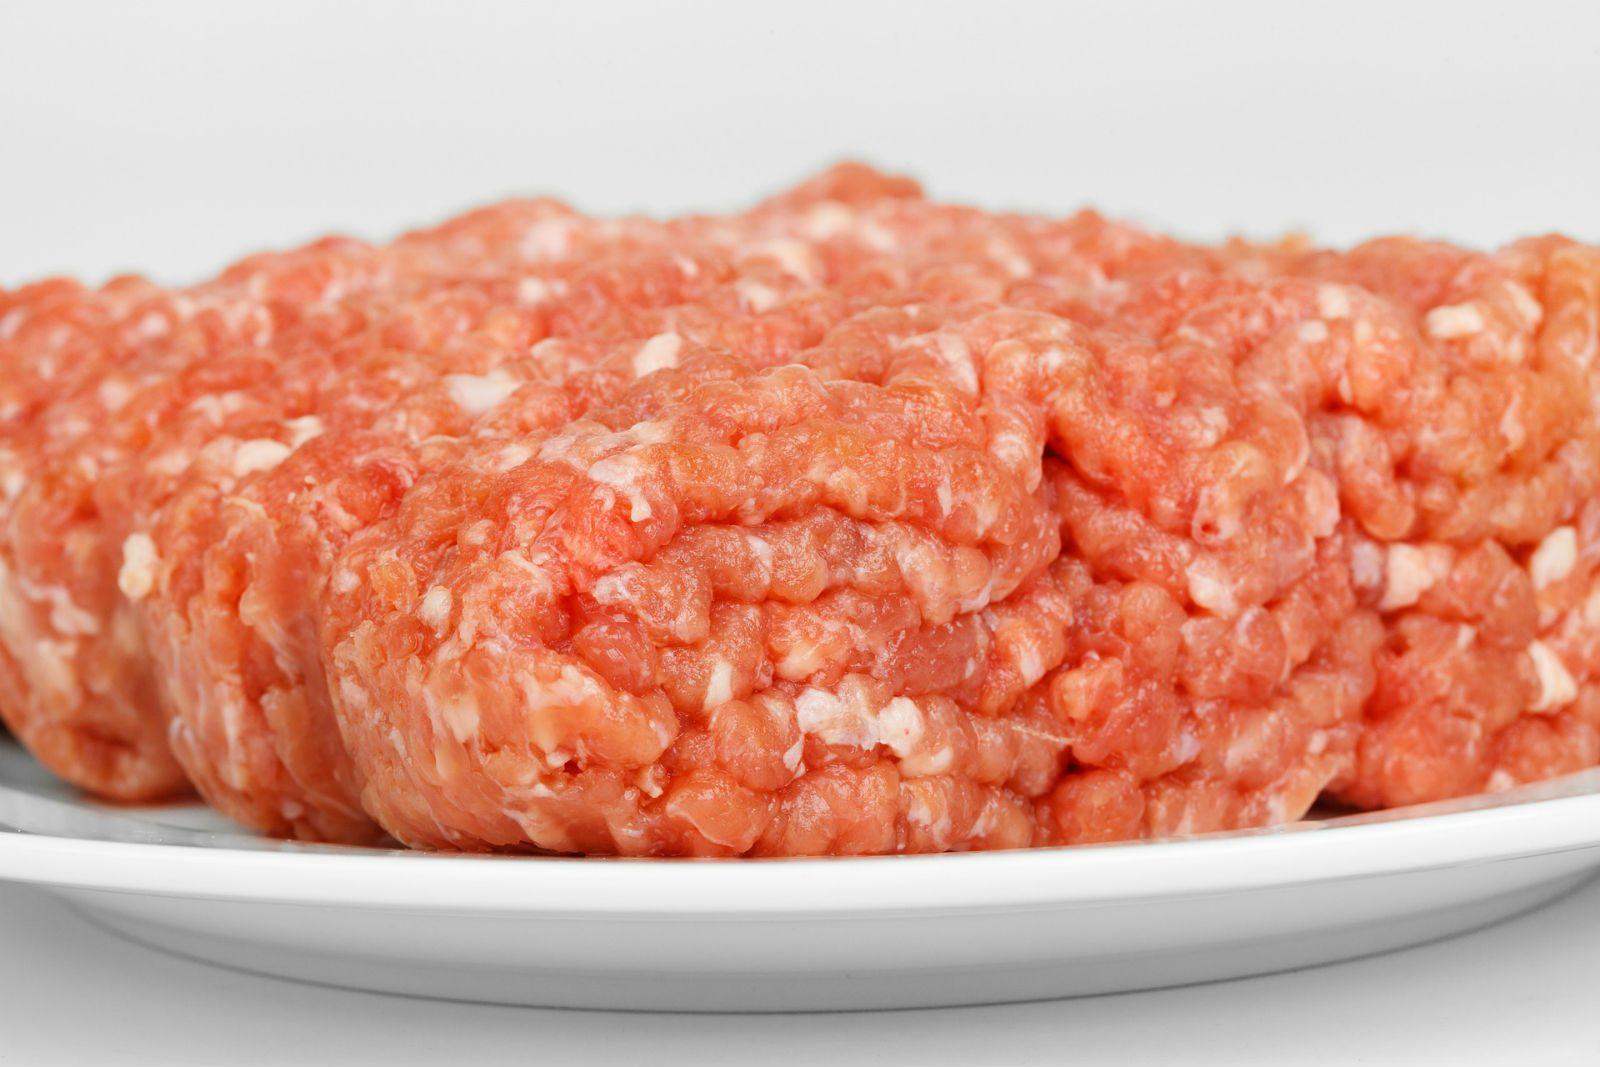 Soupçons de salmonelle pour des steack hachés aux Restos du coeur de 3 départements lorrains